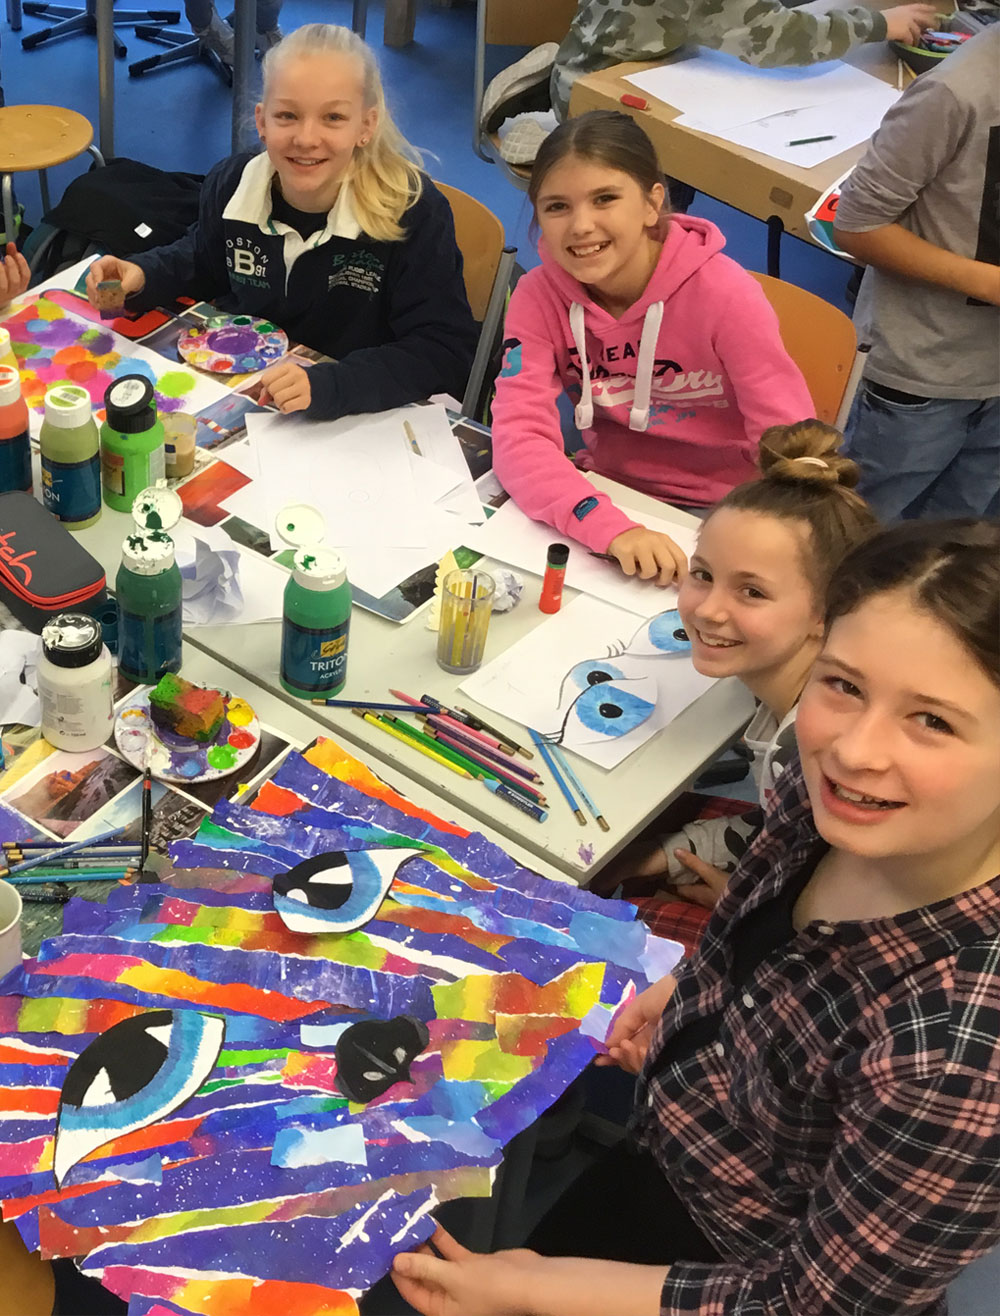 Schüler und Schülerinnen betätigen sich kreativ in einem Nachmittagskurs.